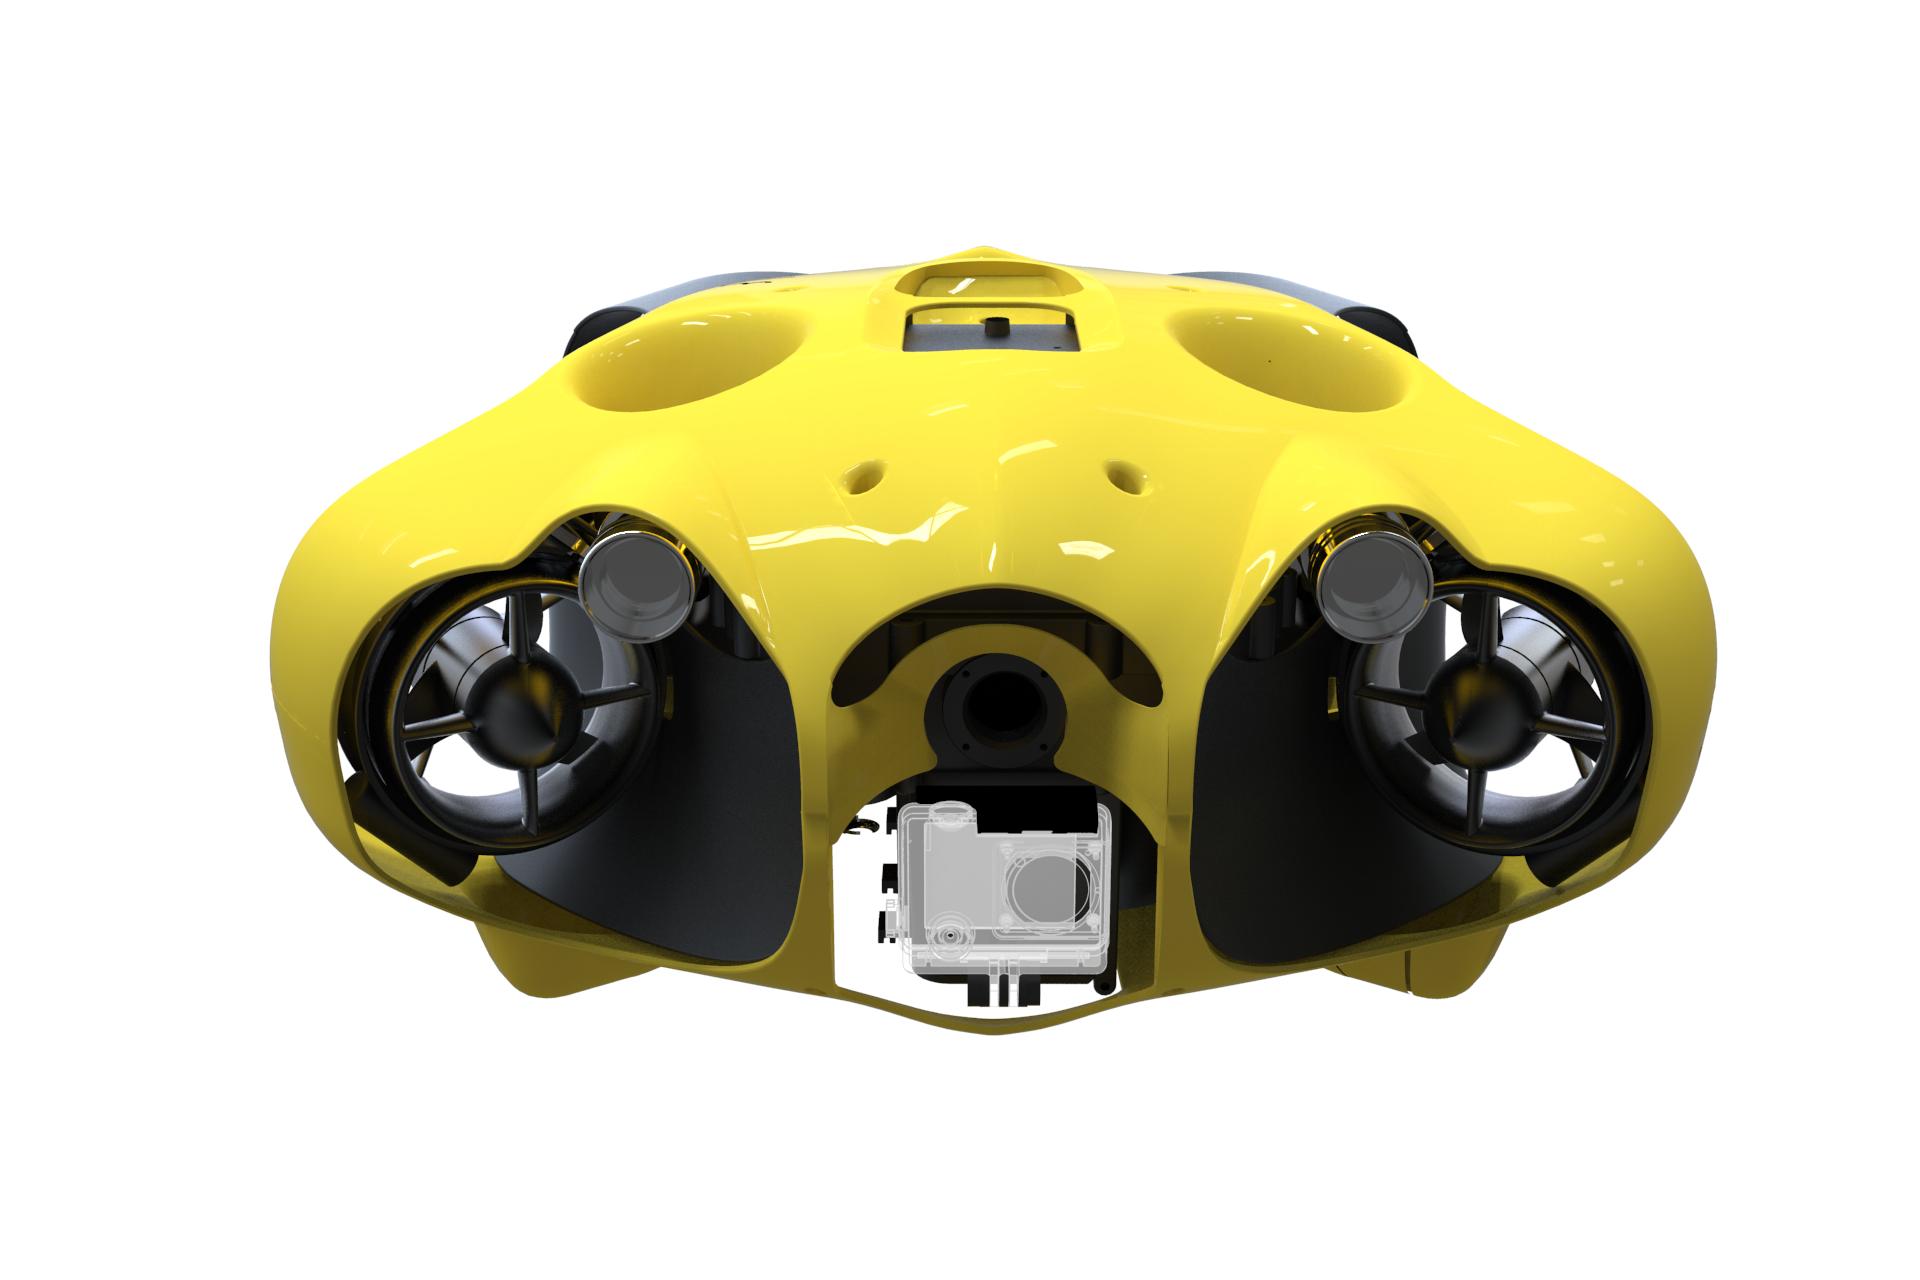 iBubble camera drone sous-marin autonome - N°1 des drones sous-marin aujourd'hui disponible à l'Ile Maurice